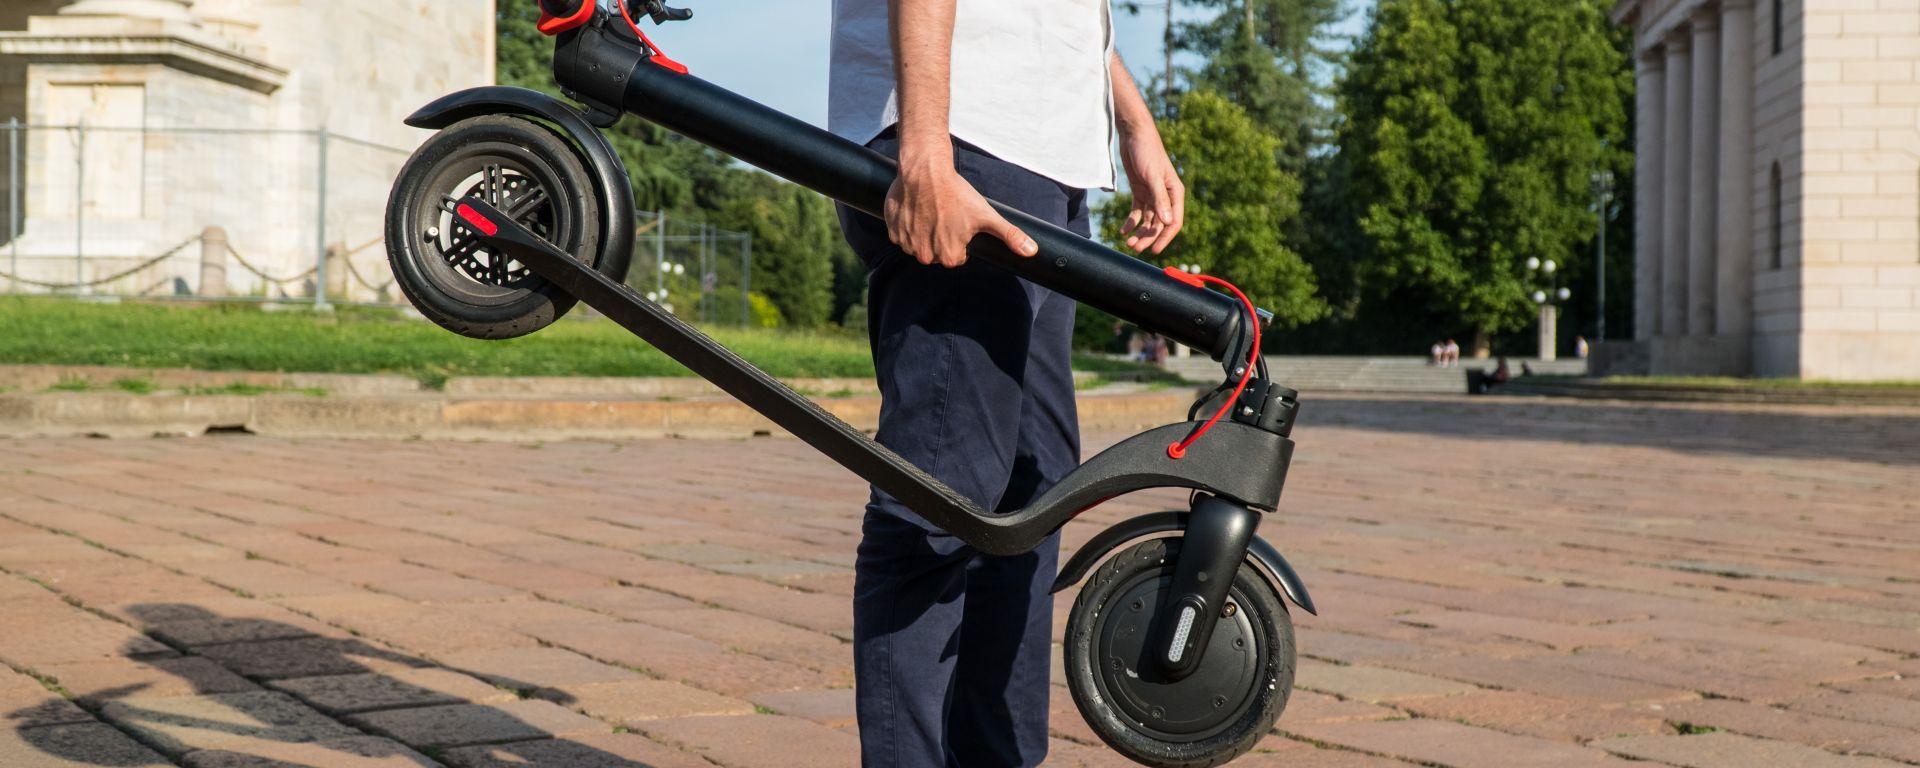 Monopattino elettrico Vivobike S3, trasporto a mano